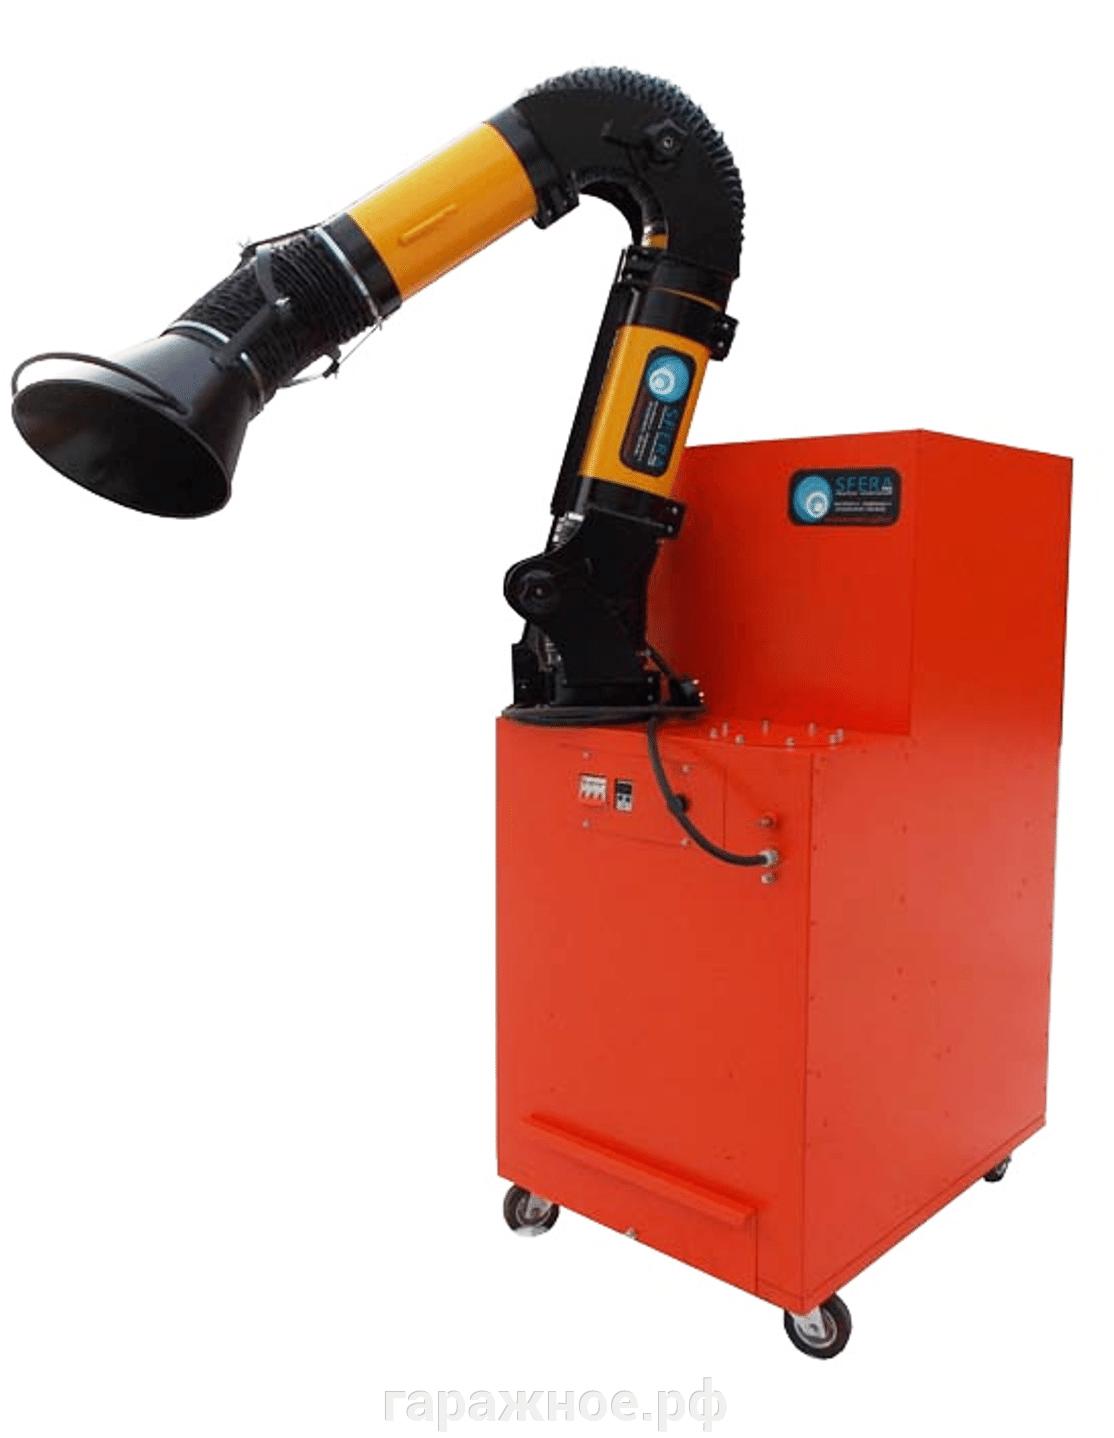 Удаление газов, пыли - фото Фильтровентиляционная установка ФВУ-1Р,